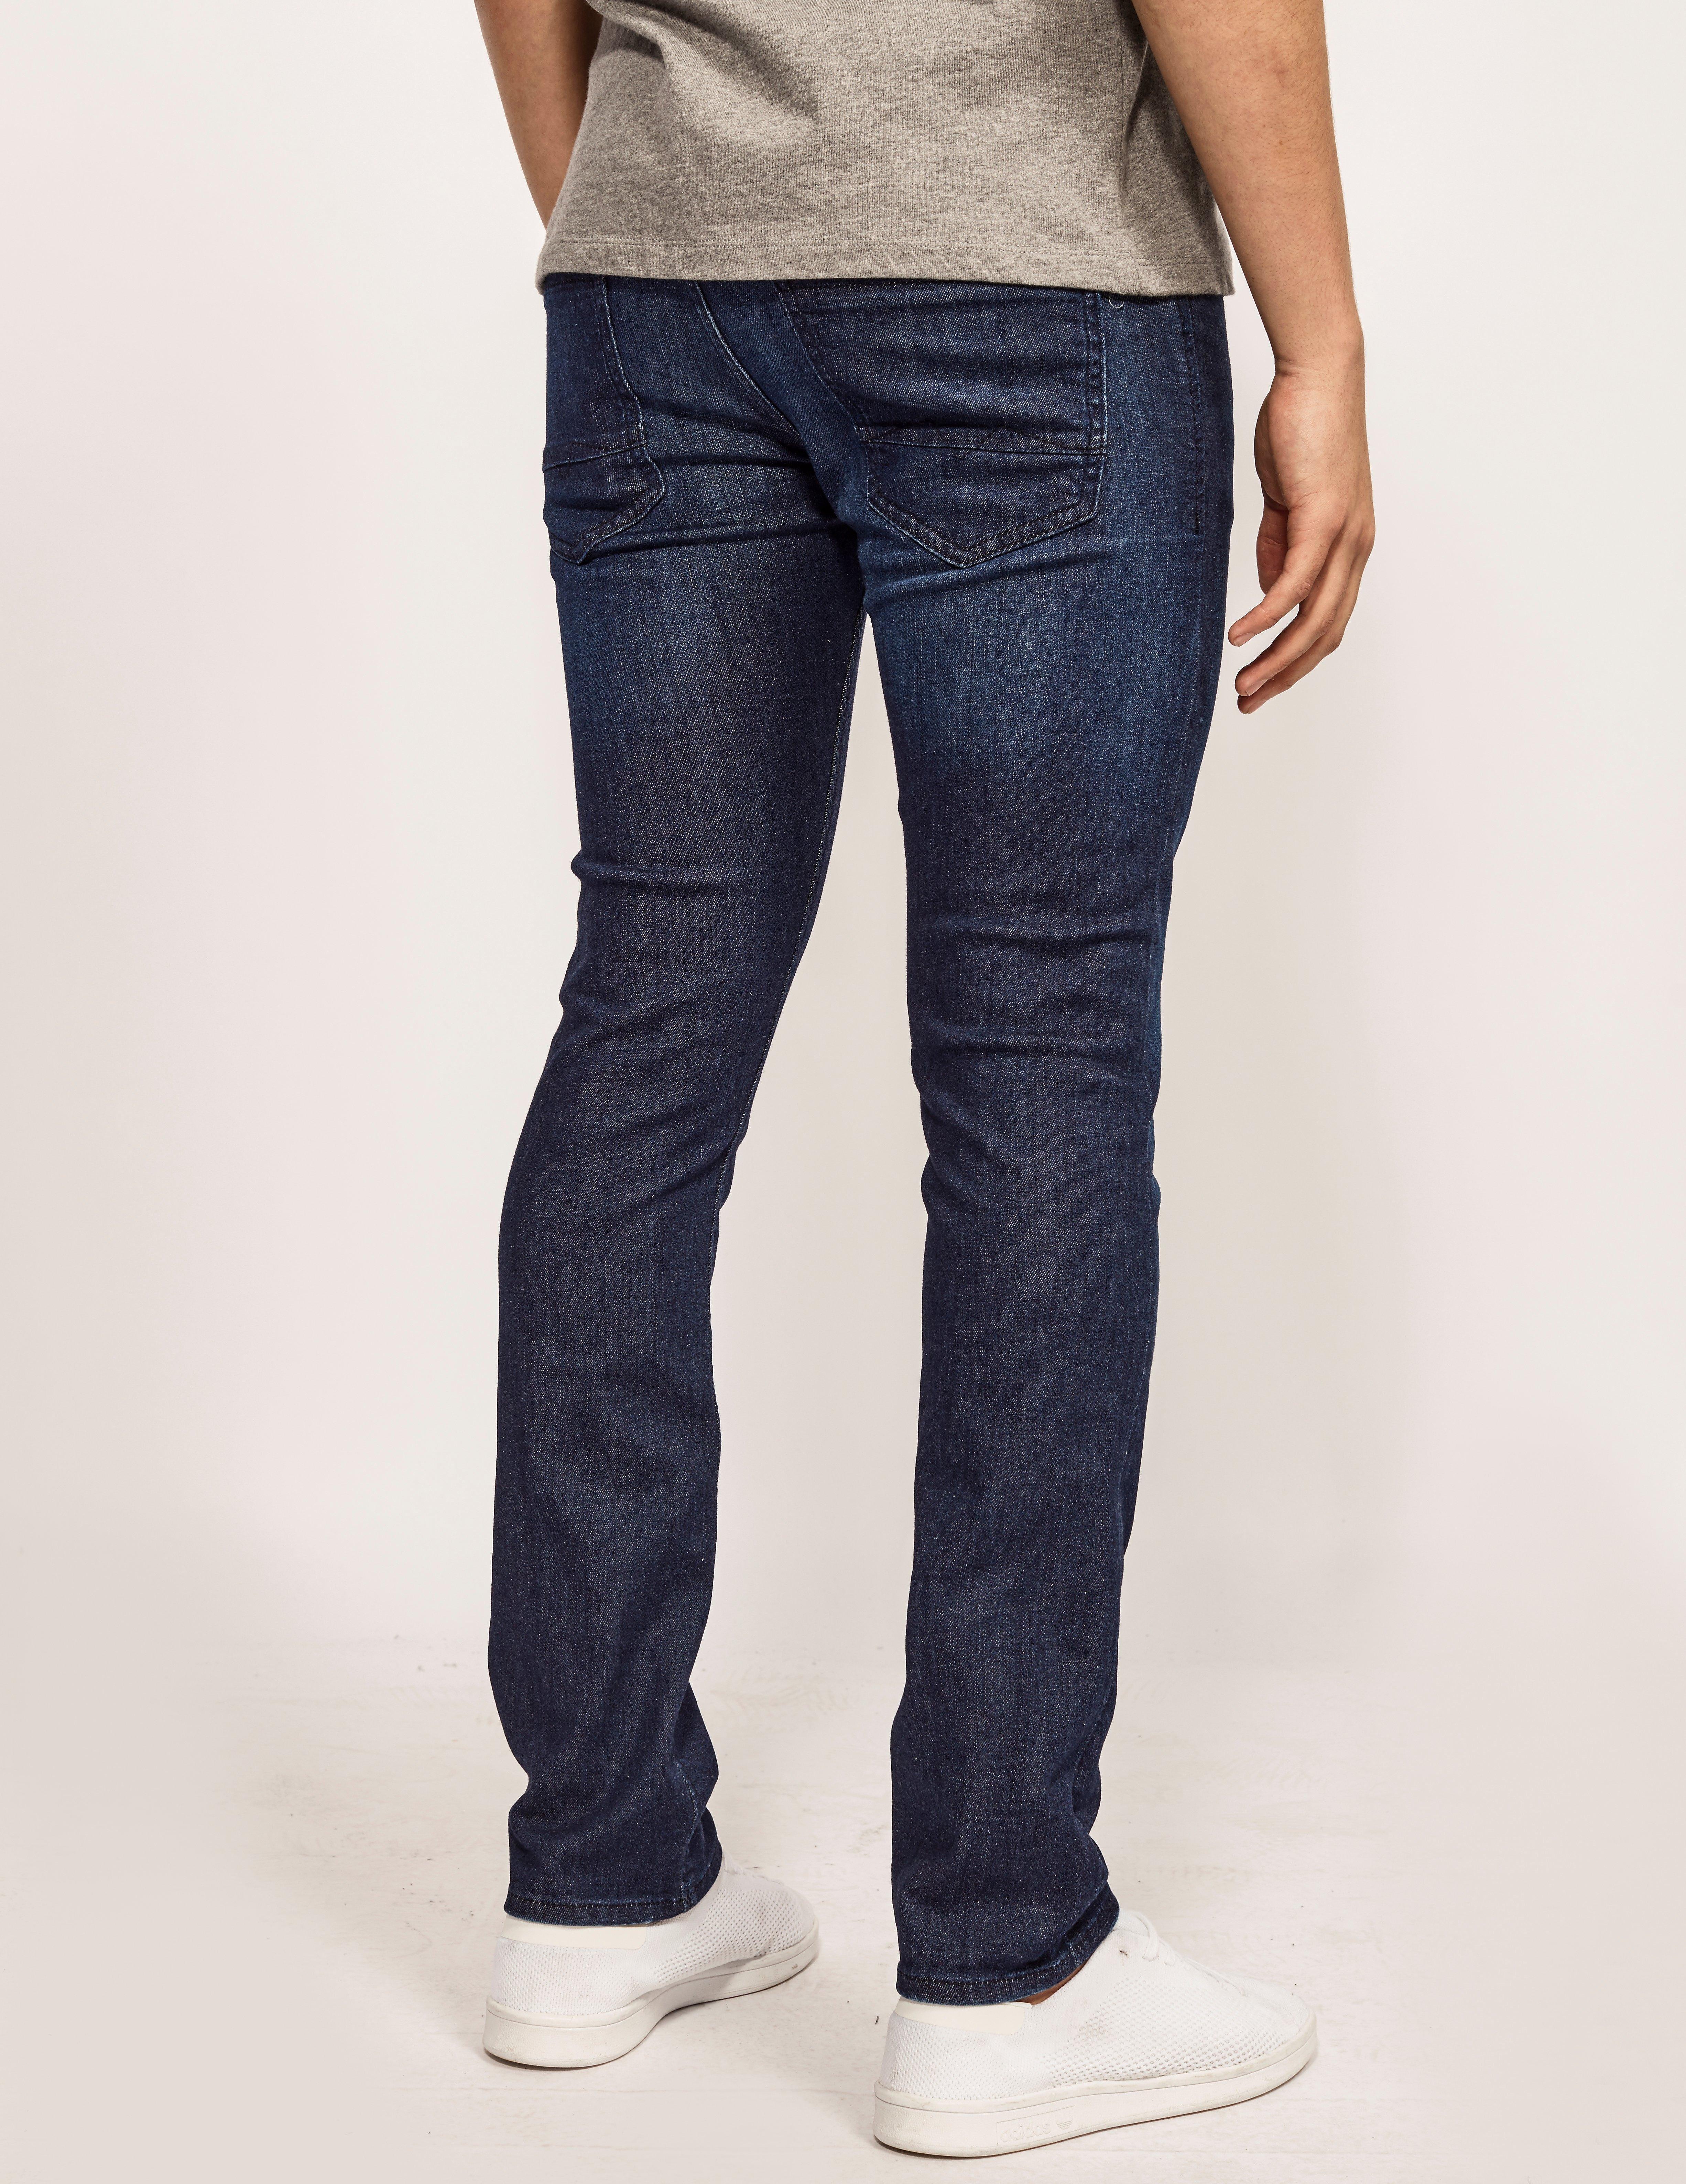 BOSS Orange 71 Jeans